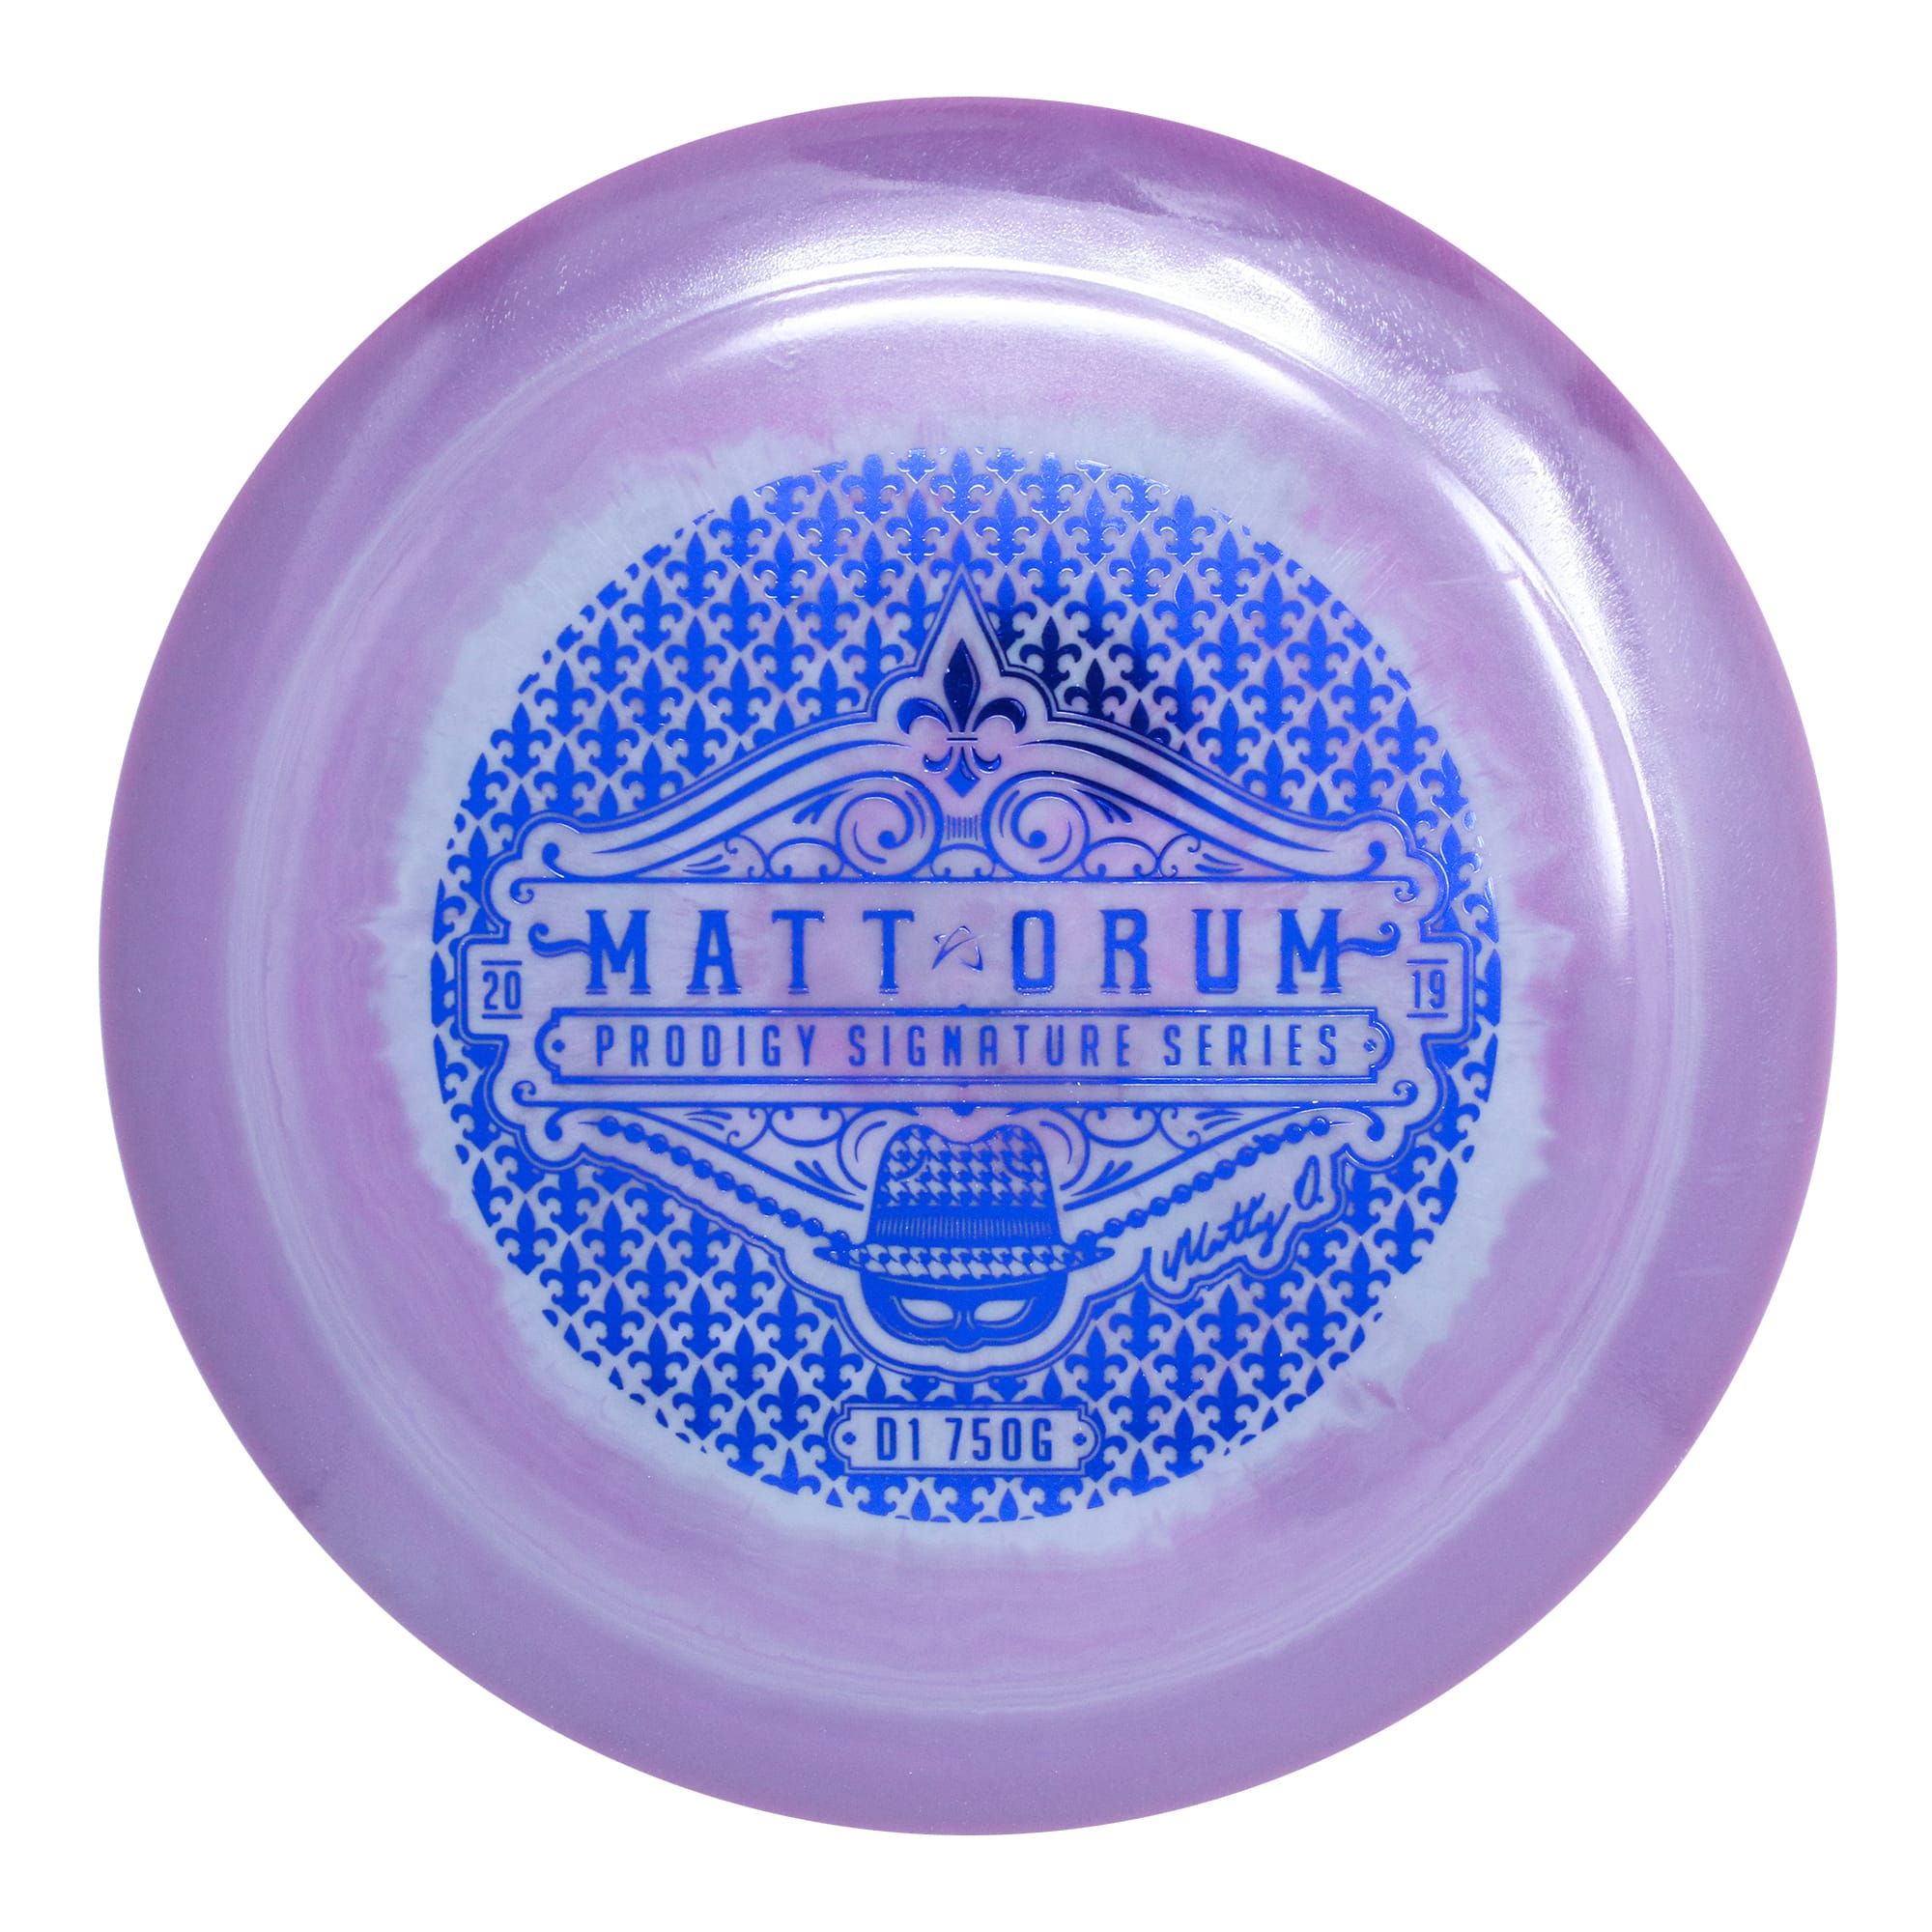 Matt_Orum_Special_Edition_Signature_Series_D1_750G_Thumbnailsprodigy-D1-750g-matt-orum-se-sig-purple_OPT.jpg